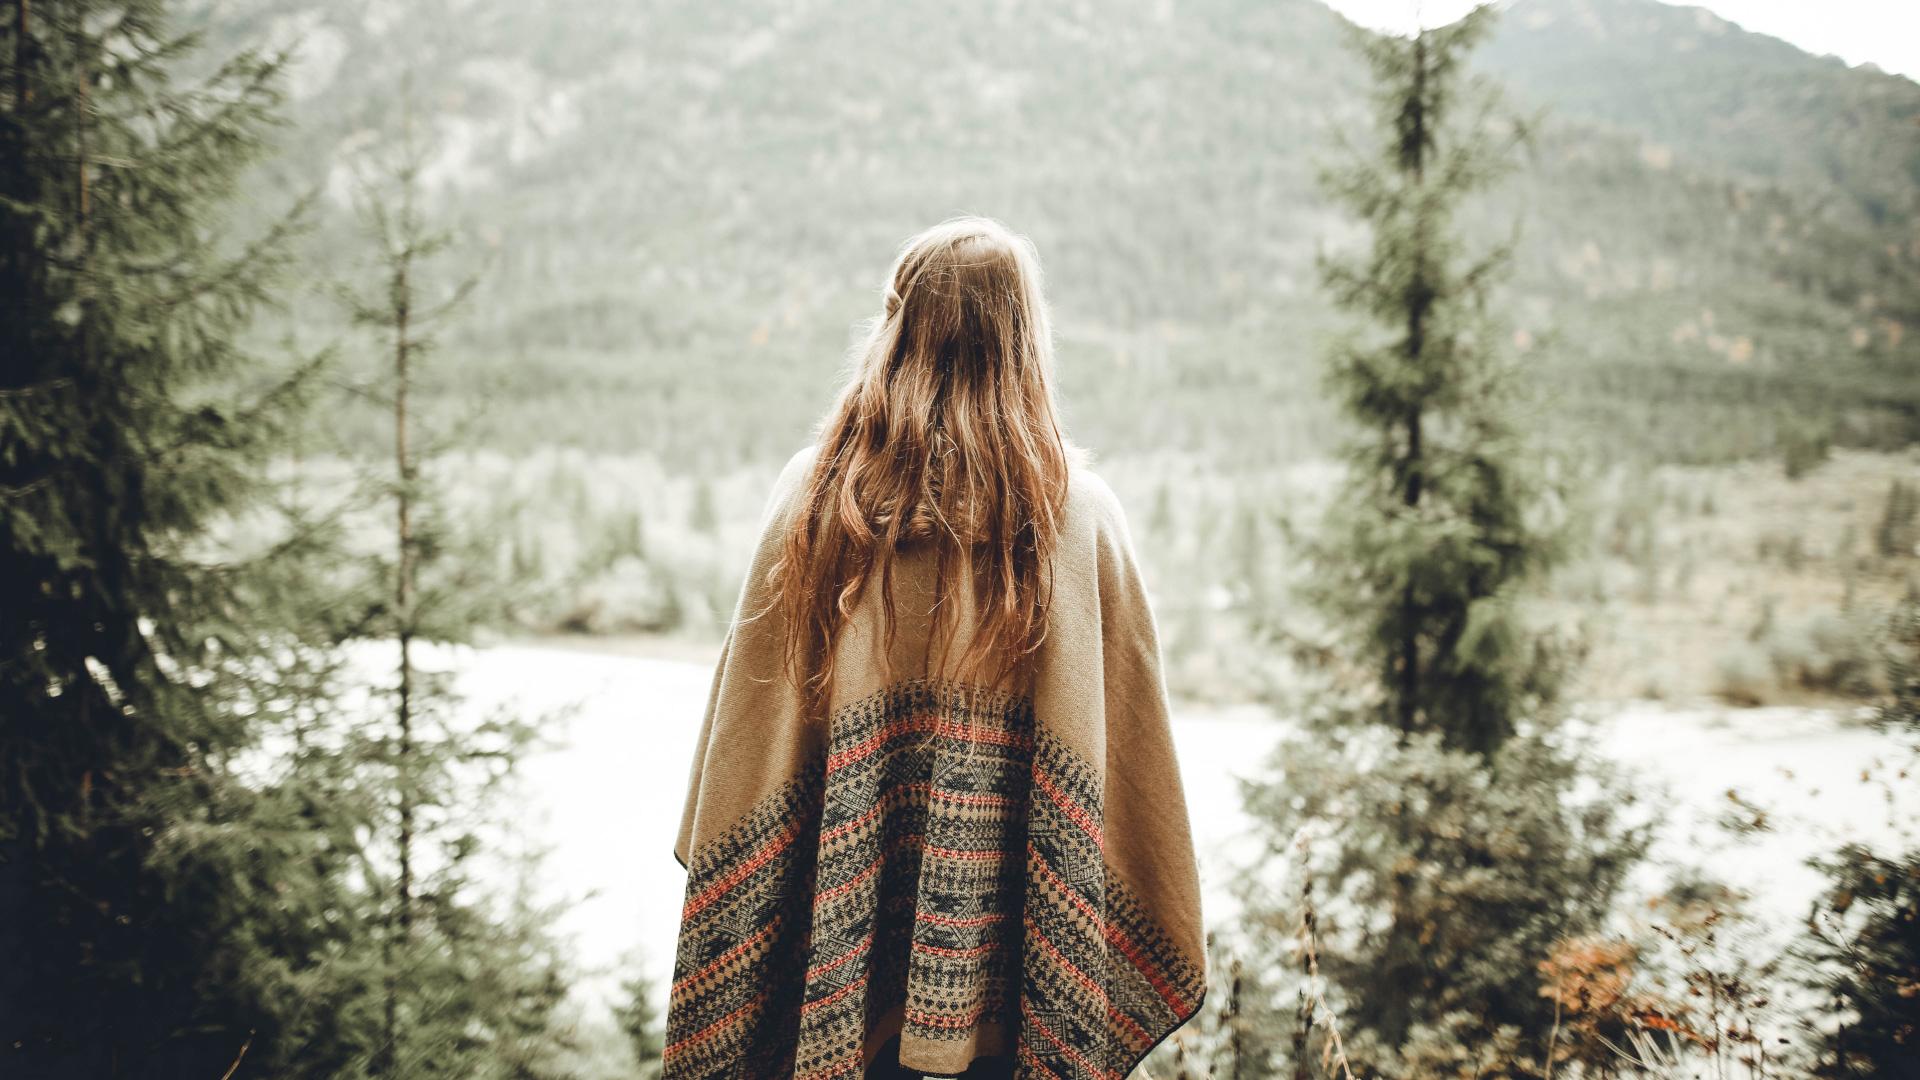 Dobroczynny wpływ przyrody na zdrowie: 5 sposobów na lepsze samopoczucie